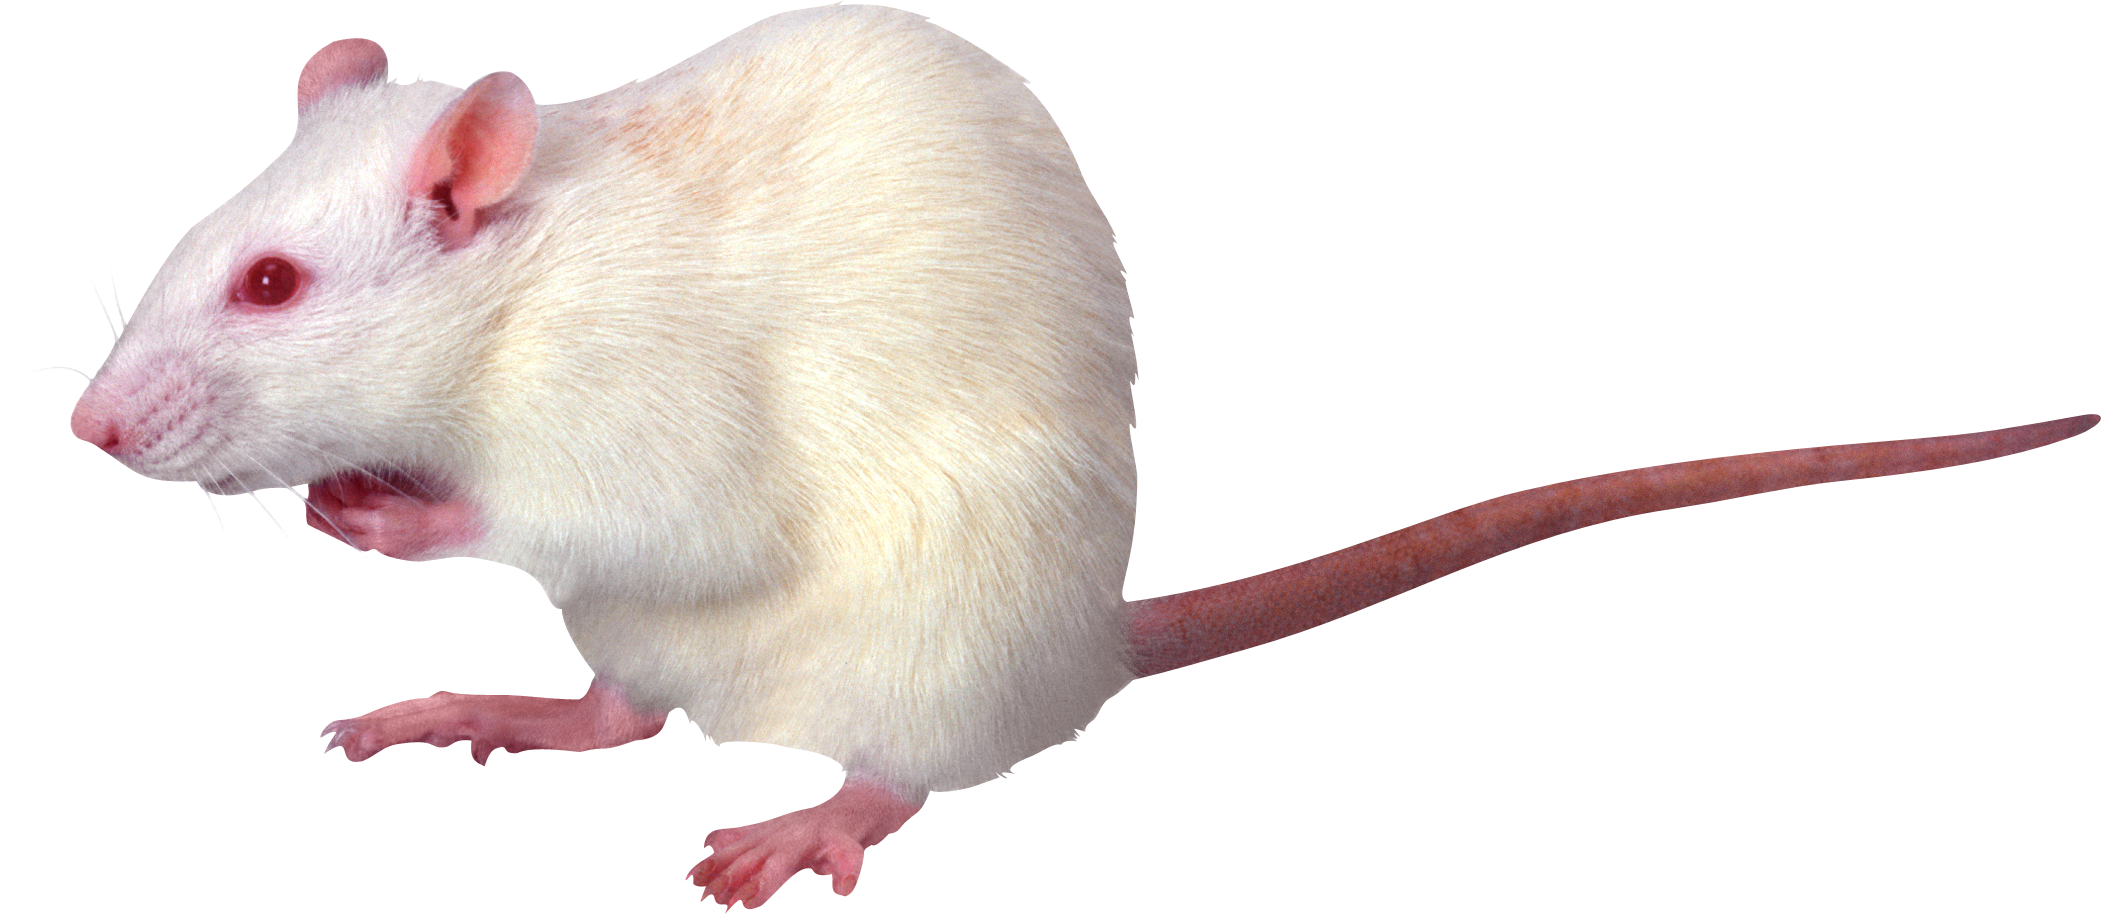 Rat PNG - 17996